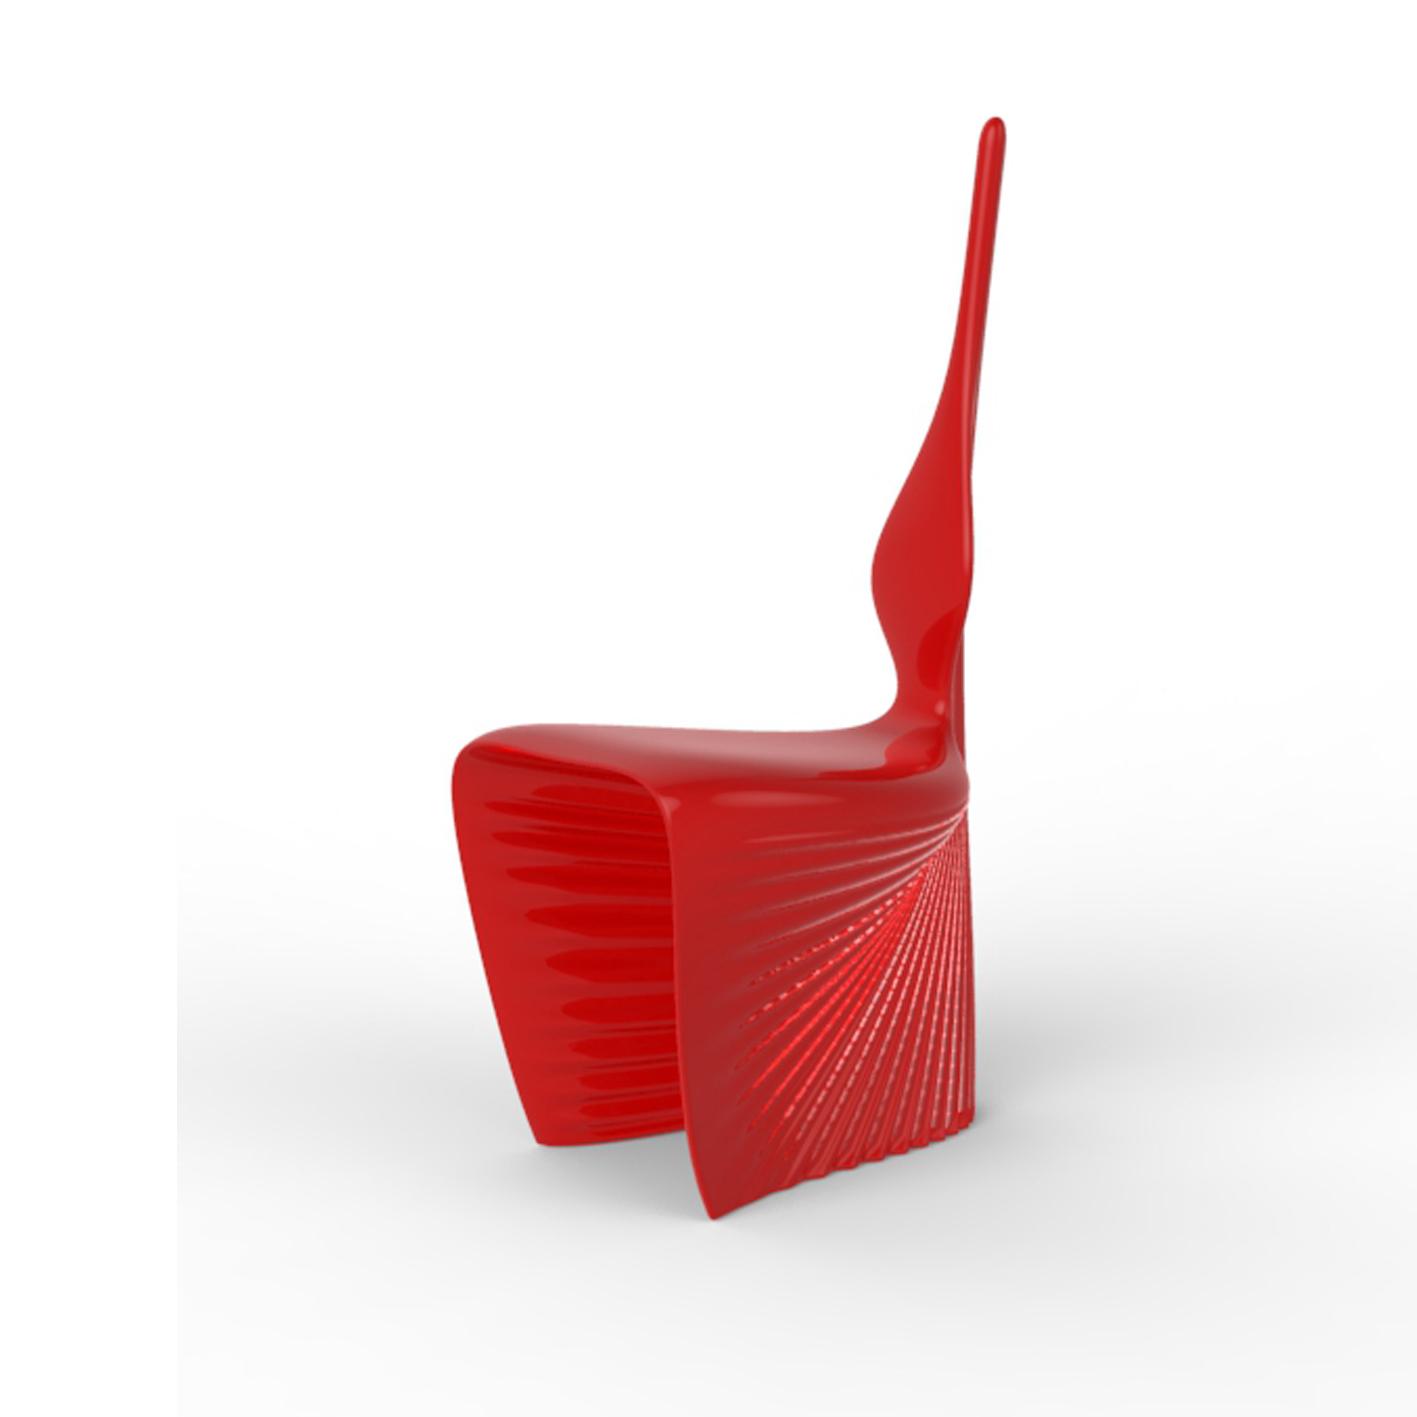 vondom biophilia chair lacquered navy 1762v41 biophilia